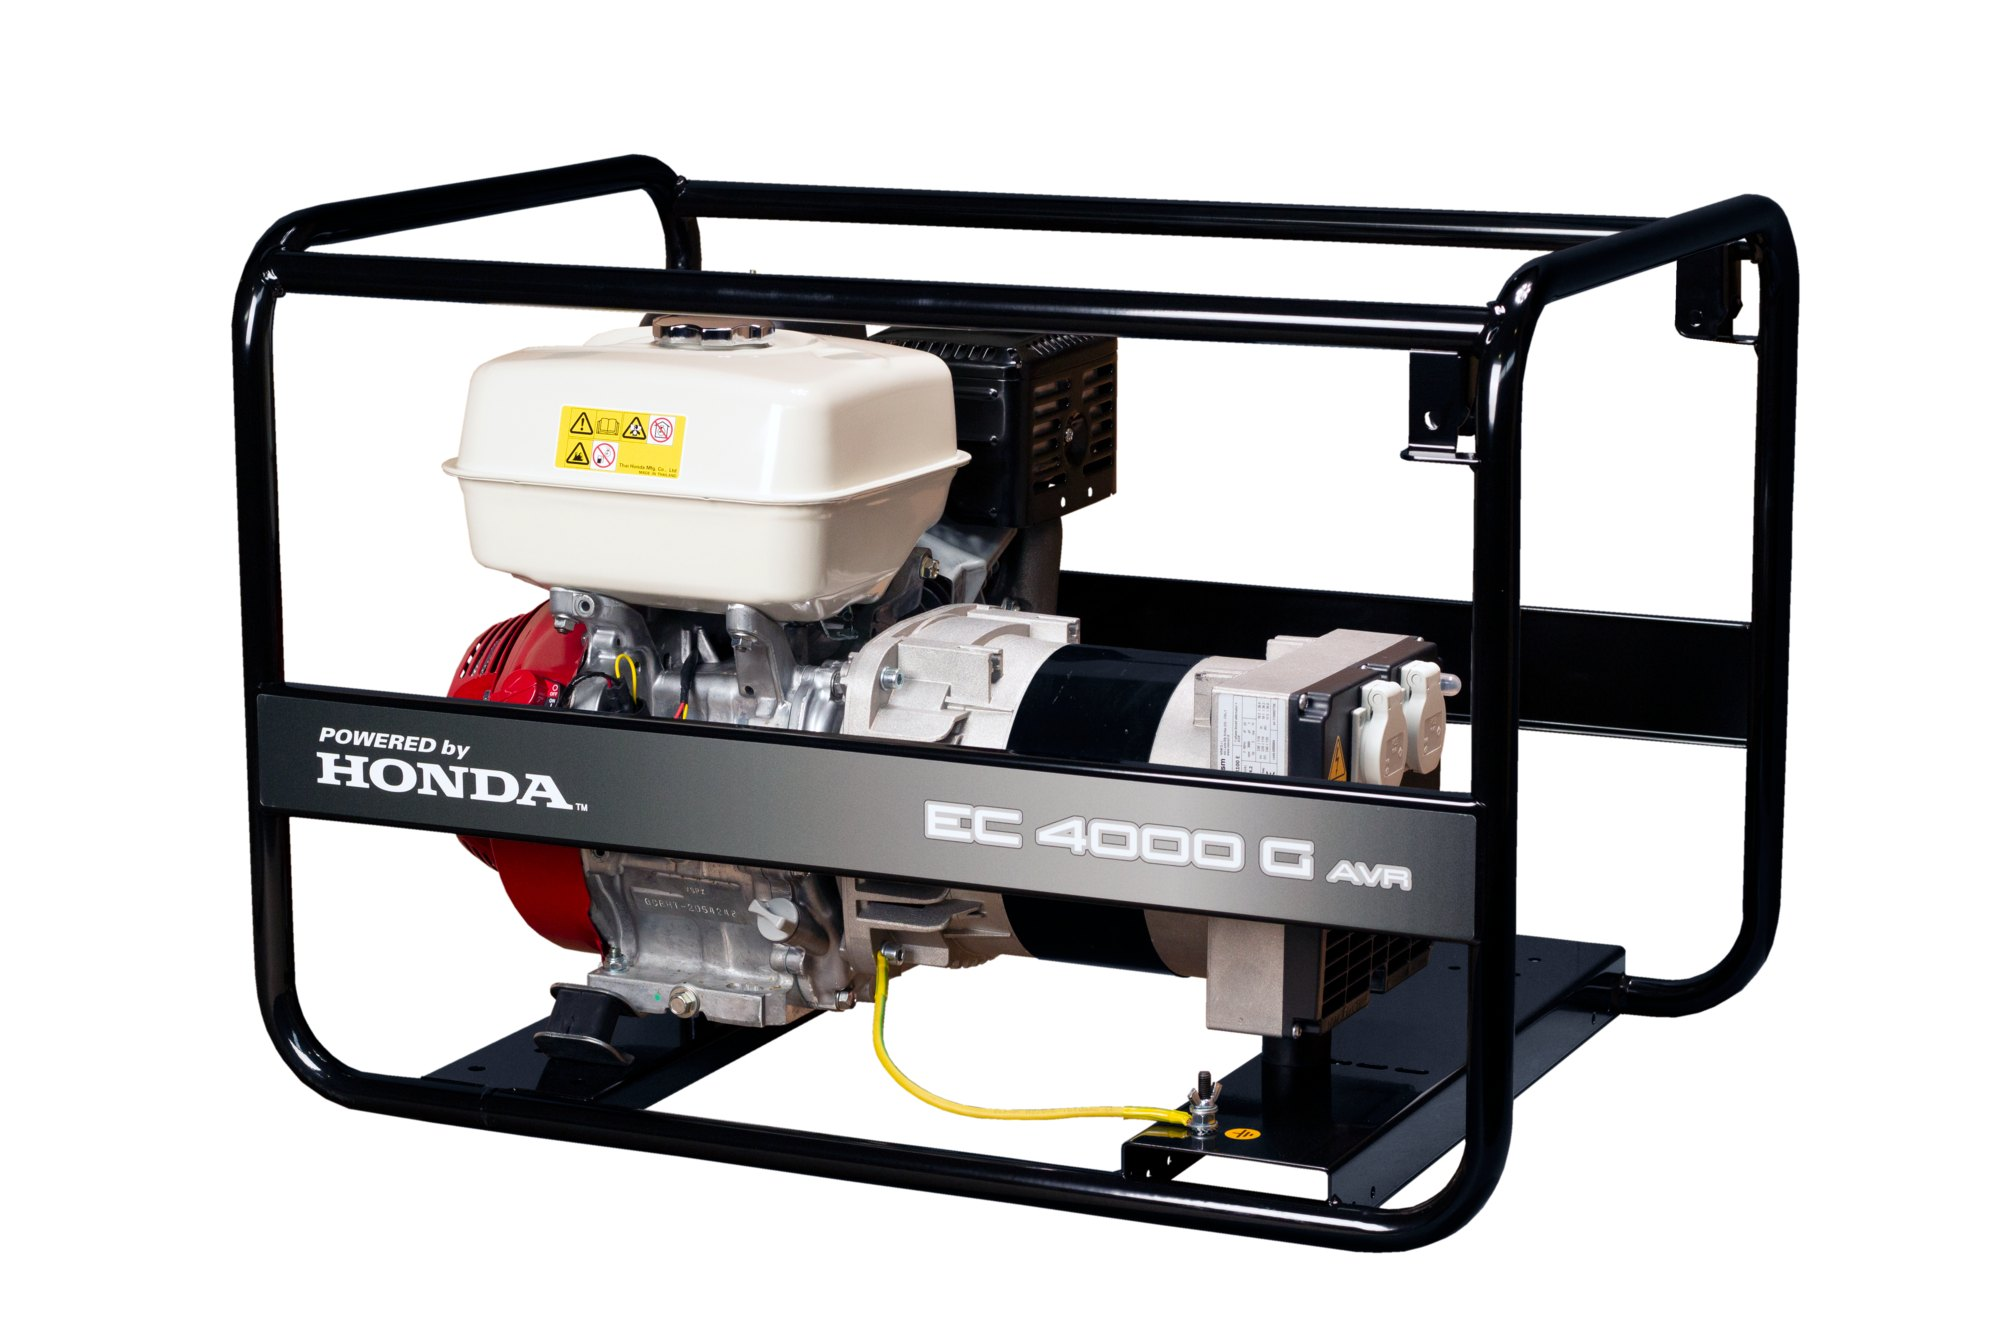 Jednofázová elektrocentrála Honda EC 4000G AVR